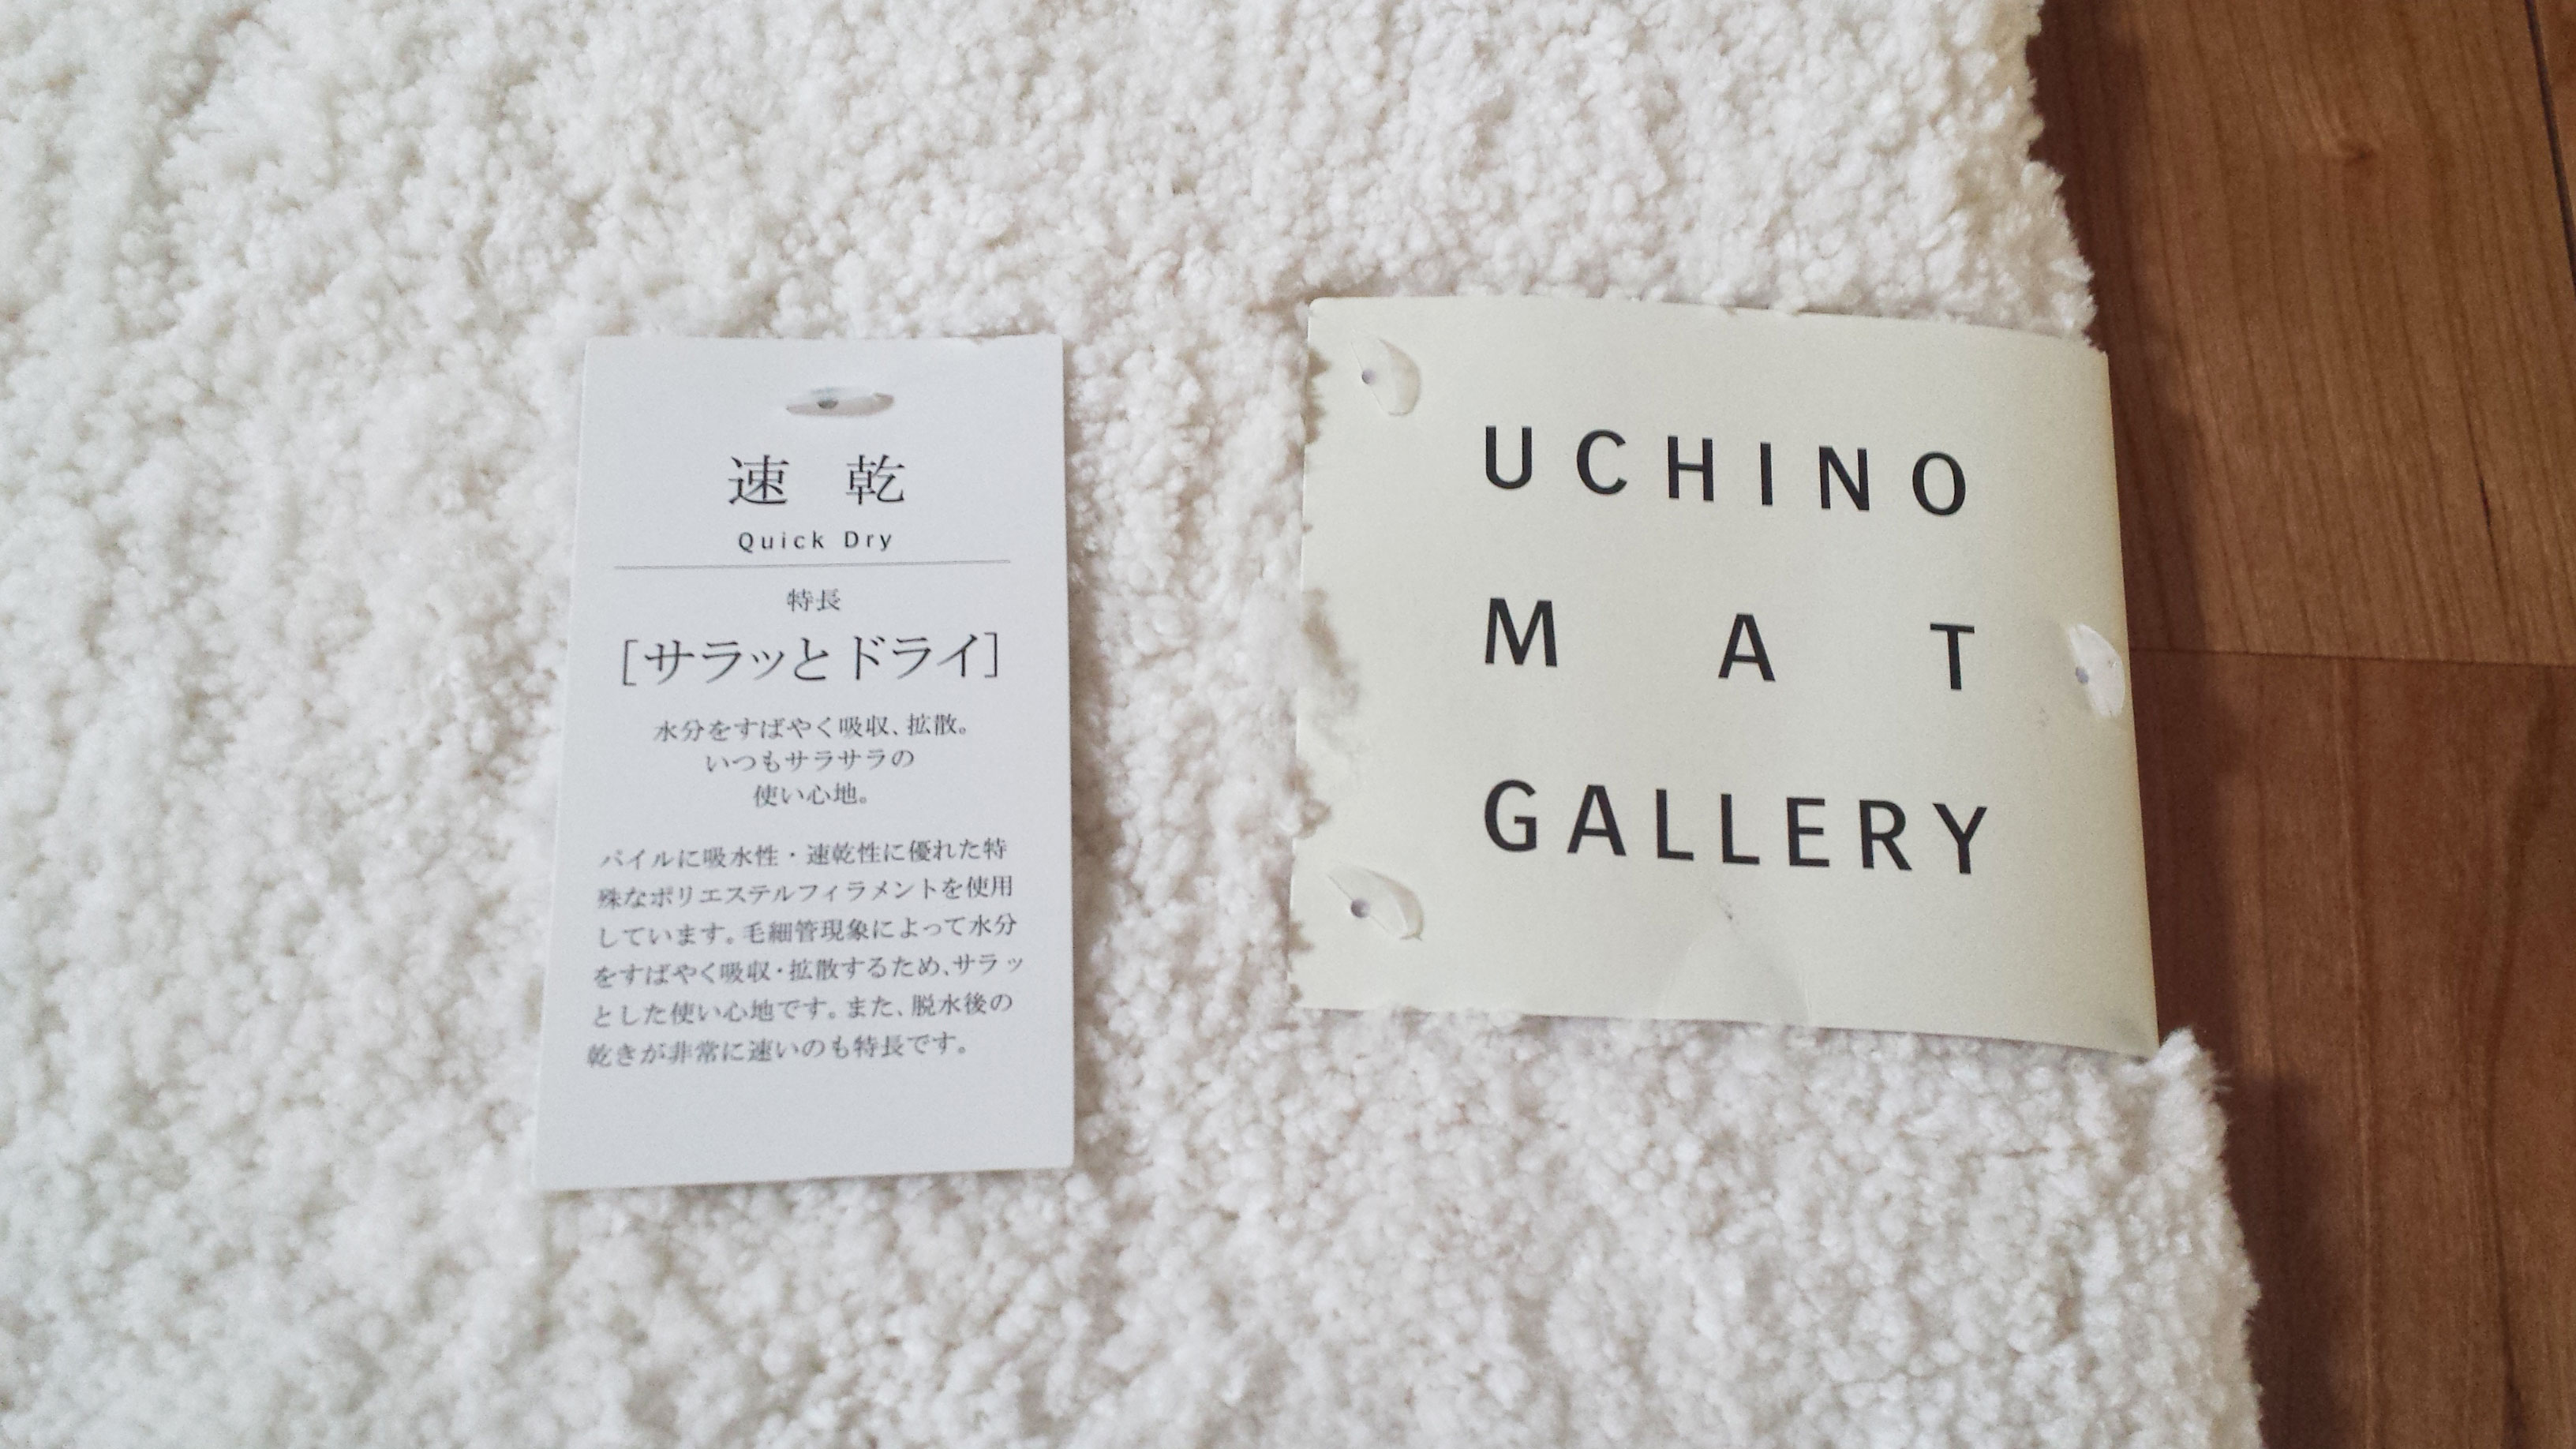 UCHINO_MAT_GALLERY02.jpg